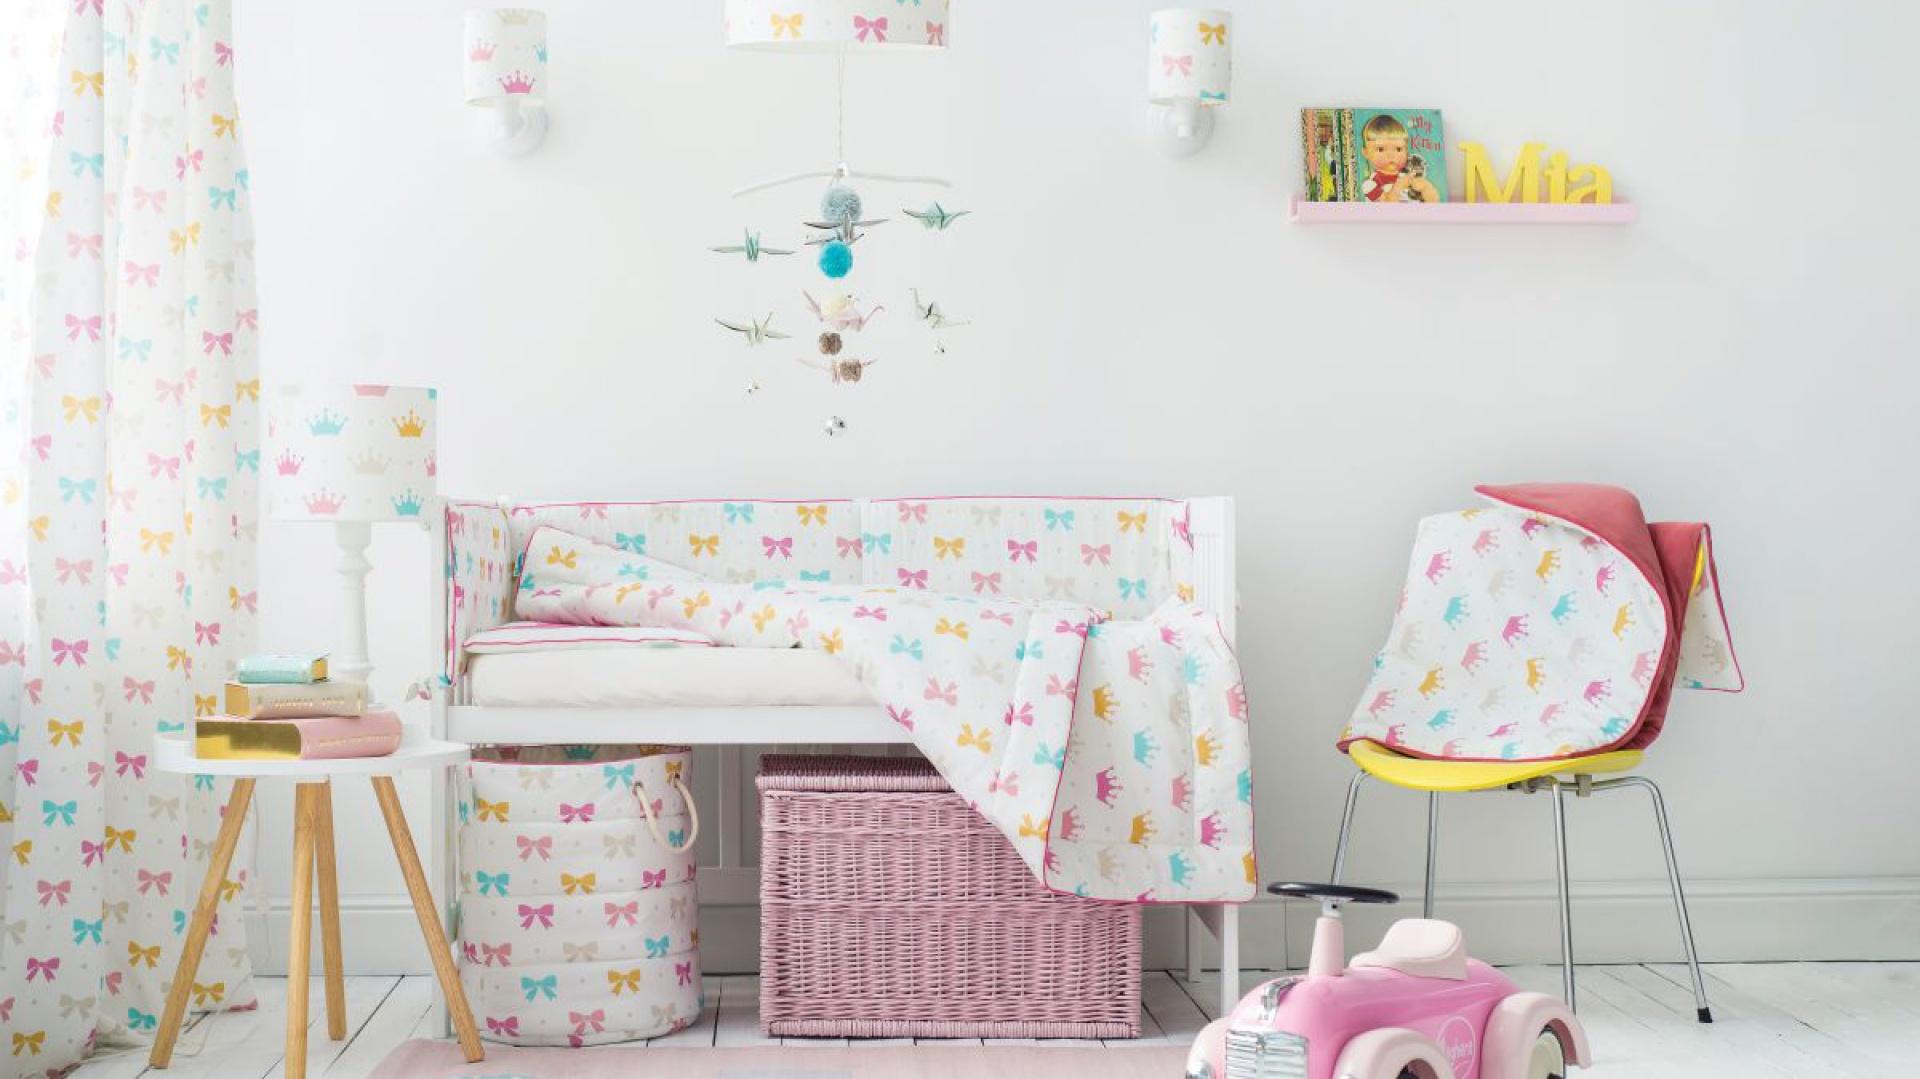 Kolekcja Princess Bows. Fot. Lamps & Company